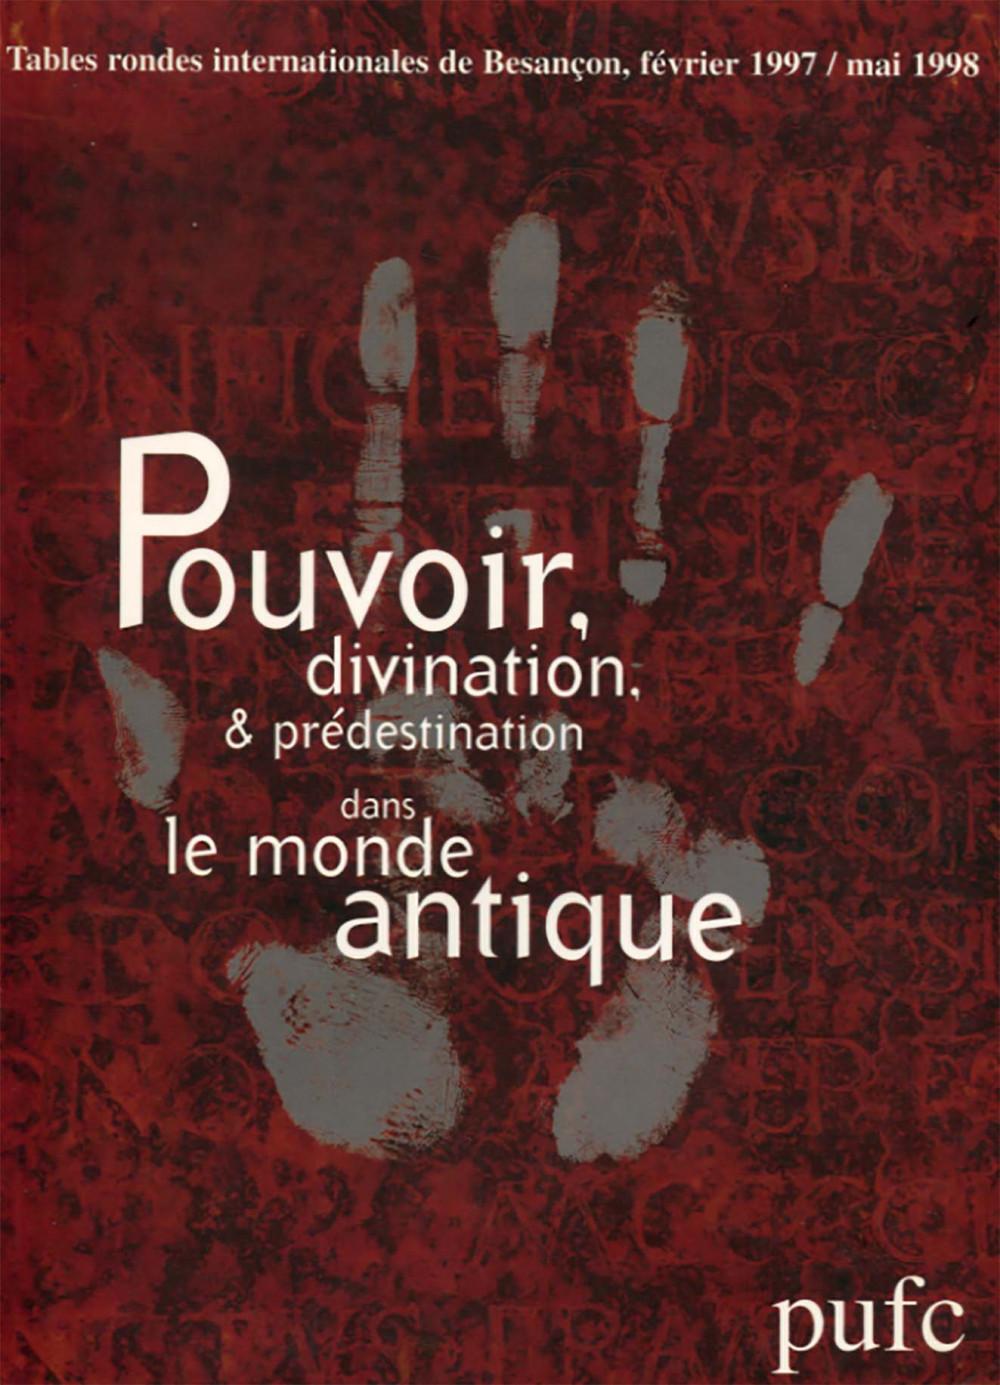 Pouvoir, divination et prédestination dans le monde antique. Actes Colloque Besançon 97/98